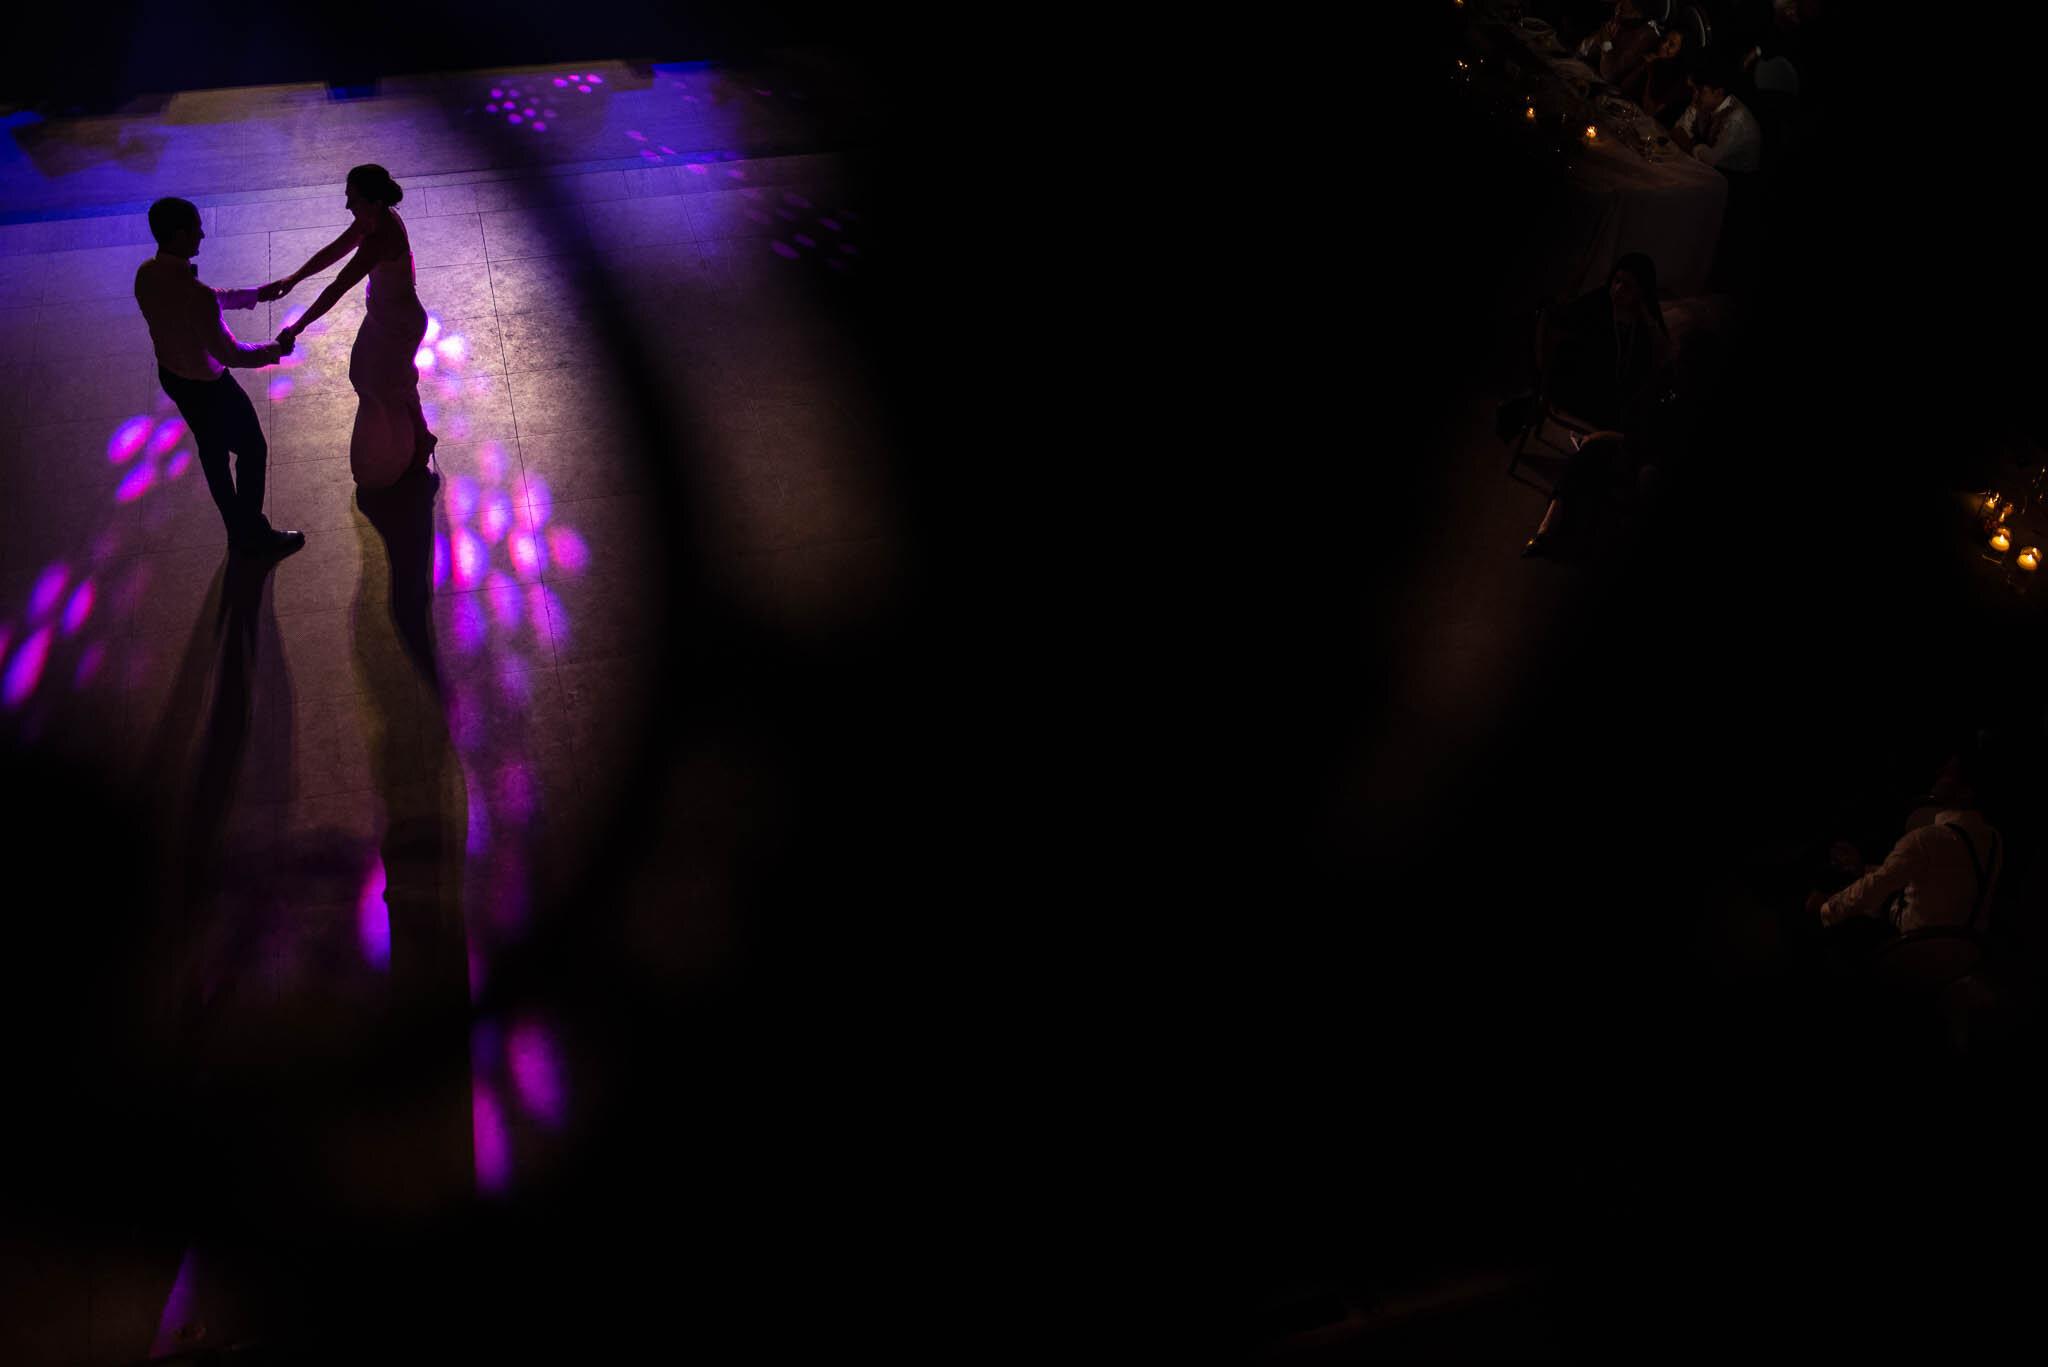 Montreal Wedding Photographer AshleyMacPhee (47 of 49).jpg